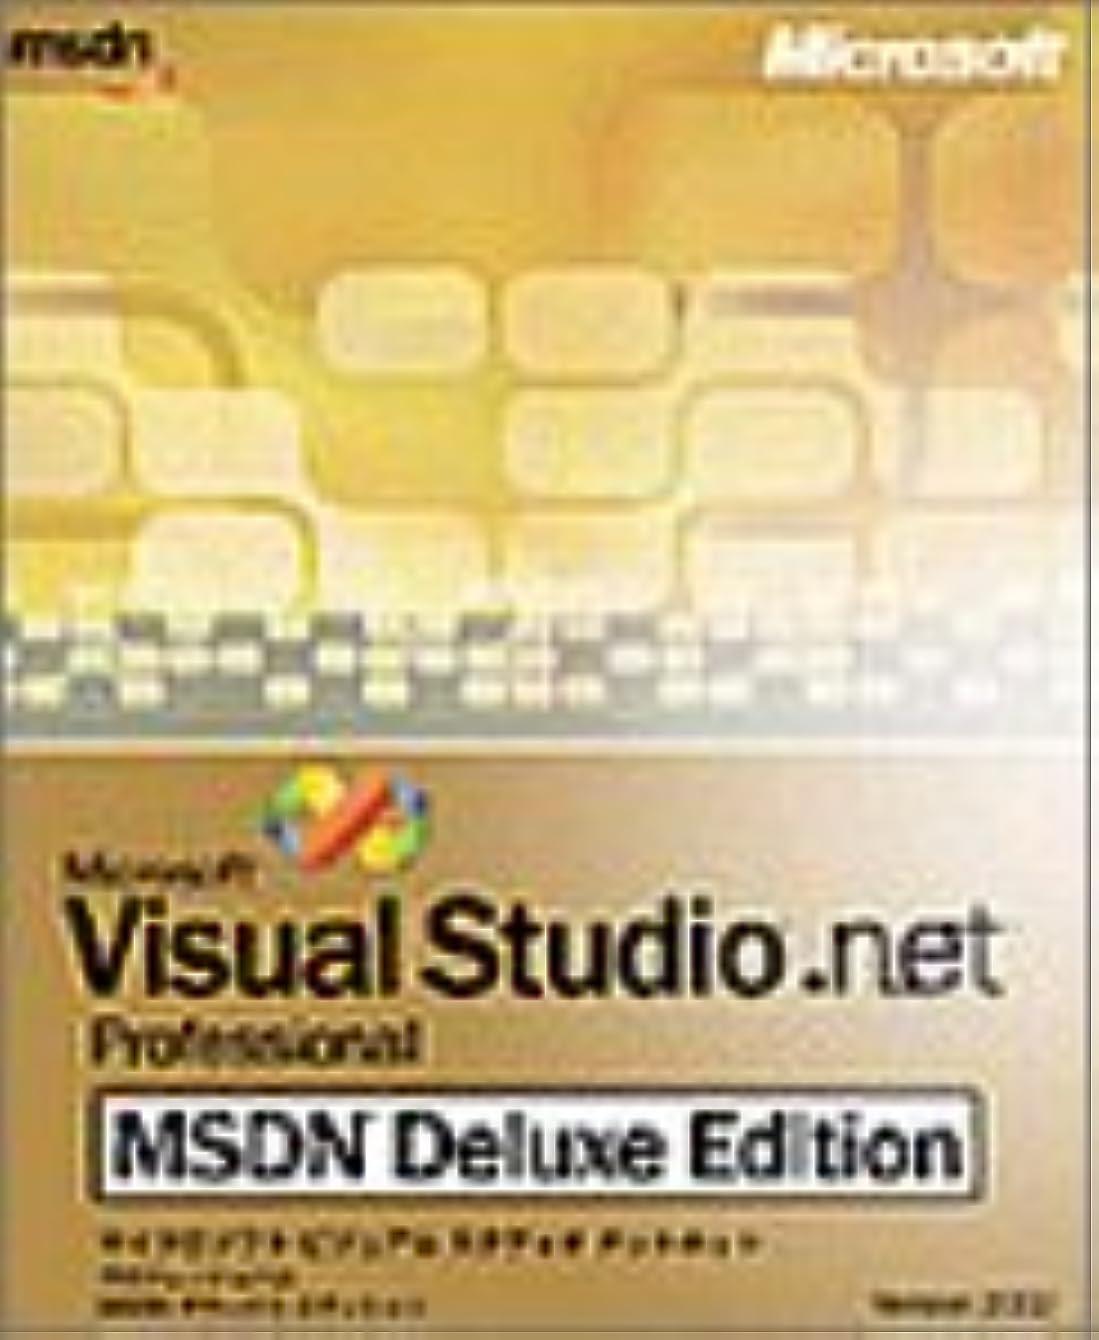 折十分な本質的ではないMicrosoft Visual Studio .NET Professional Version 2003 MSDN Deluxe Edition